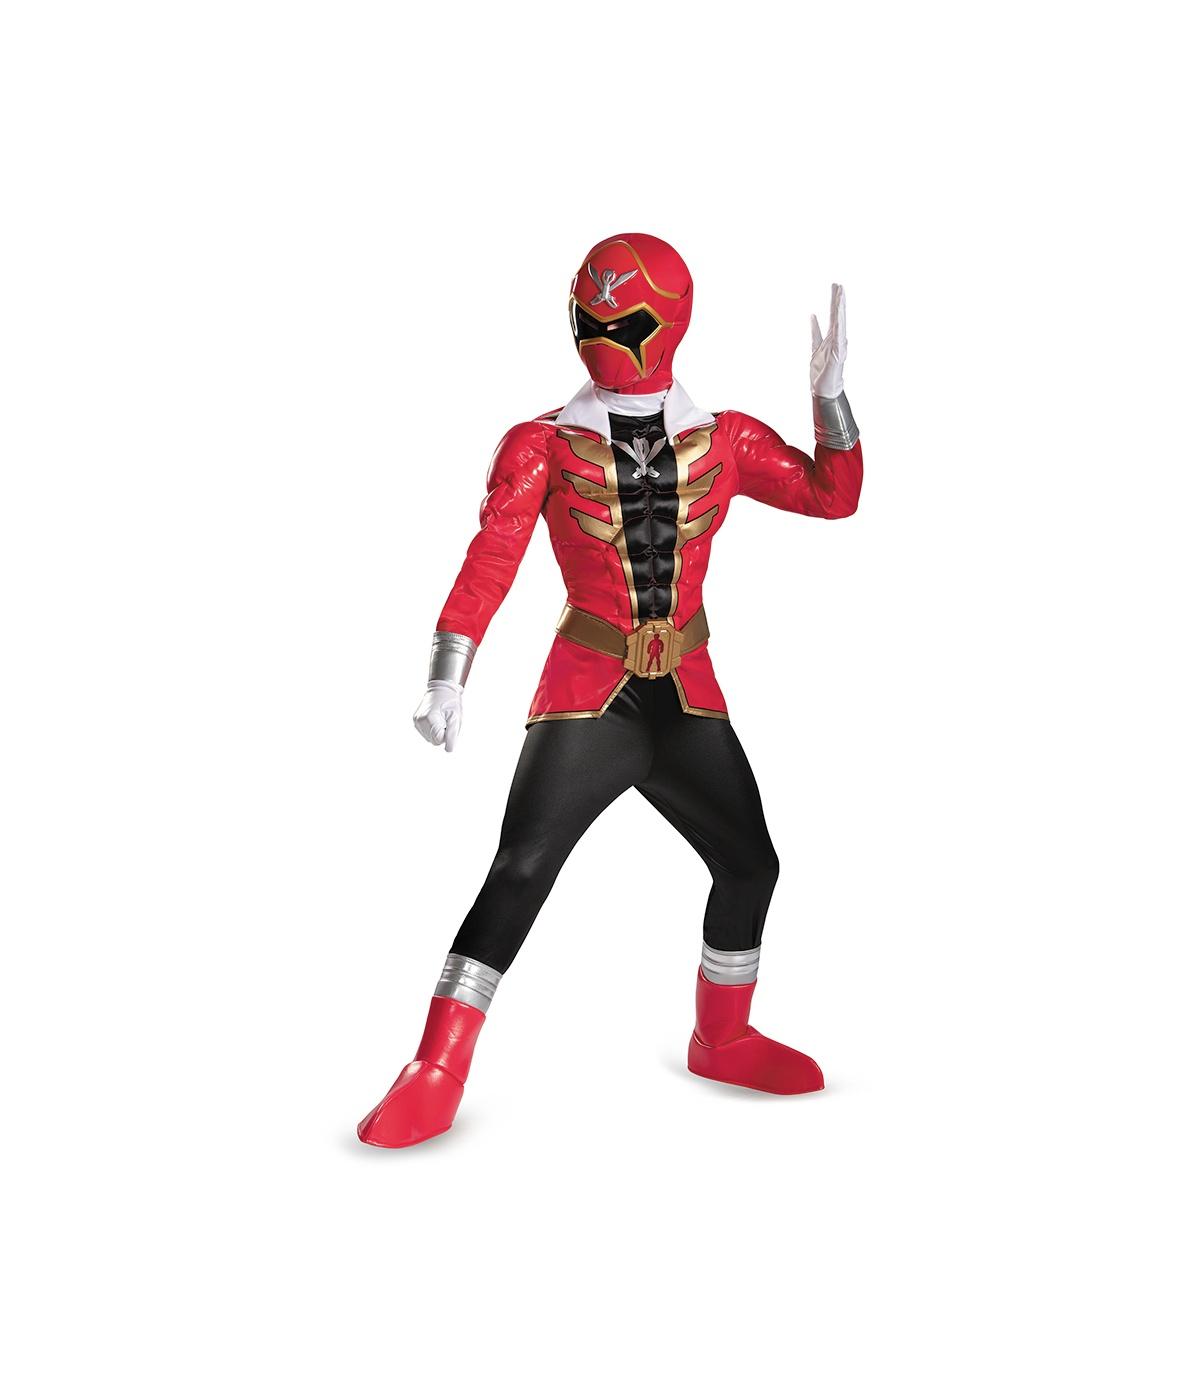 Power Rangers Red Ranger Super Megaforce Boys Costume